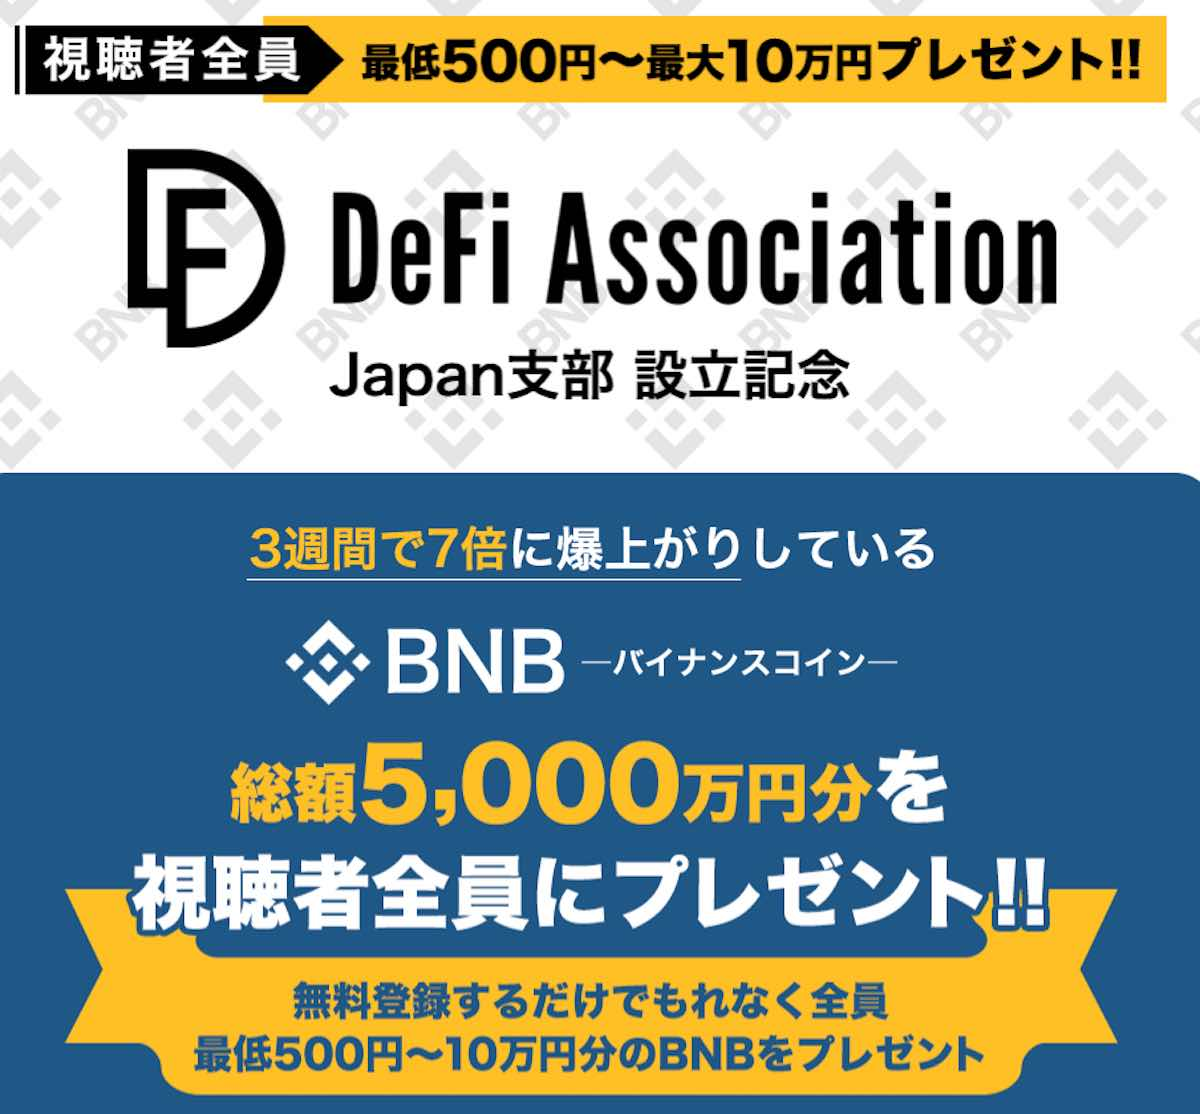 【BNB(バイナンスコイン)プレゼント】は詐欺?怪しいキャンペーン内容とは?無料登録で仮想通貨は貰えるのか口コミを調査